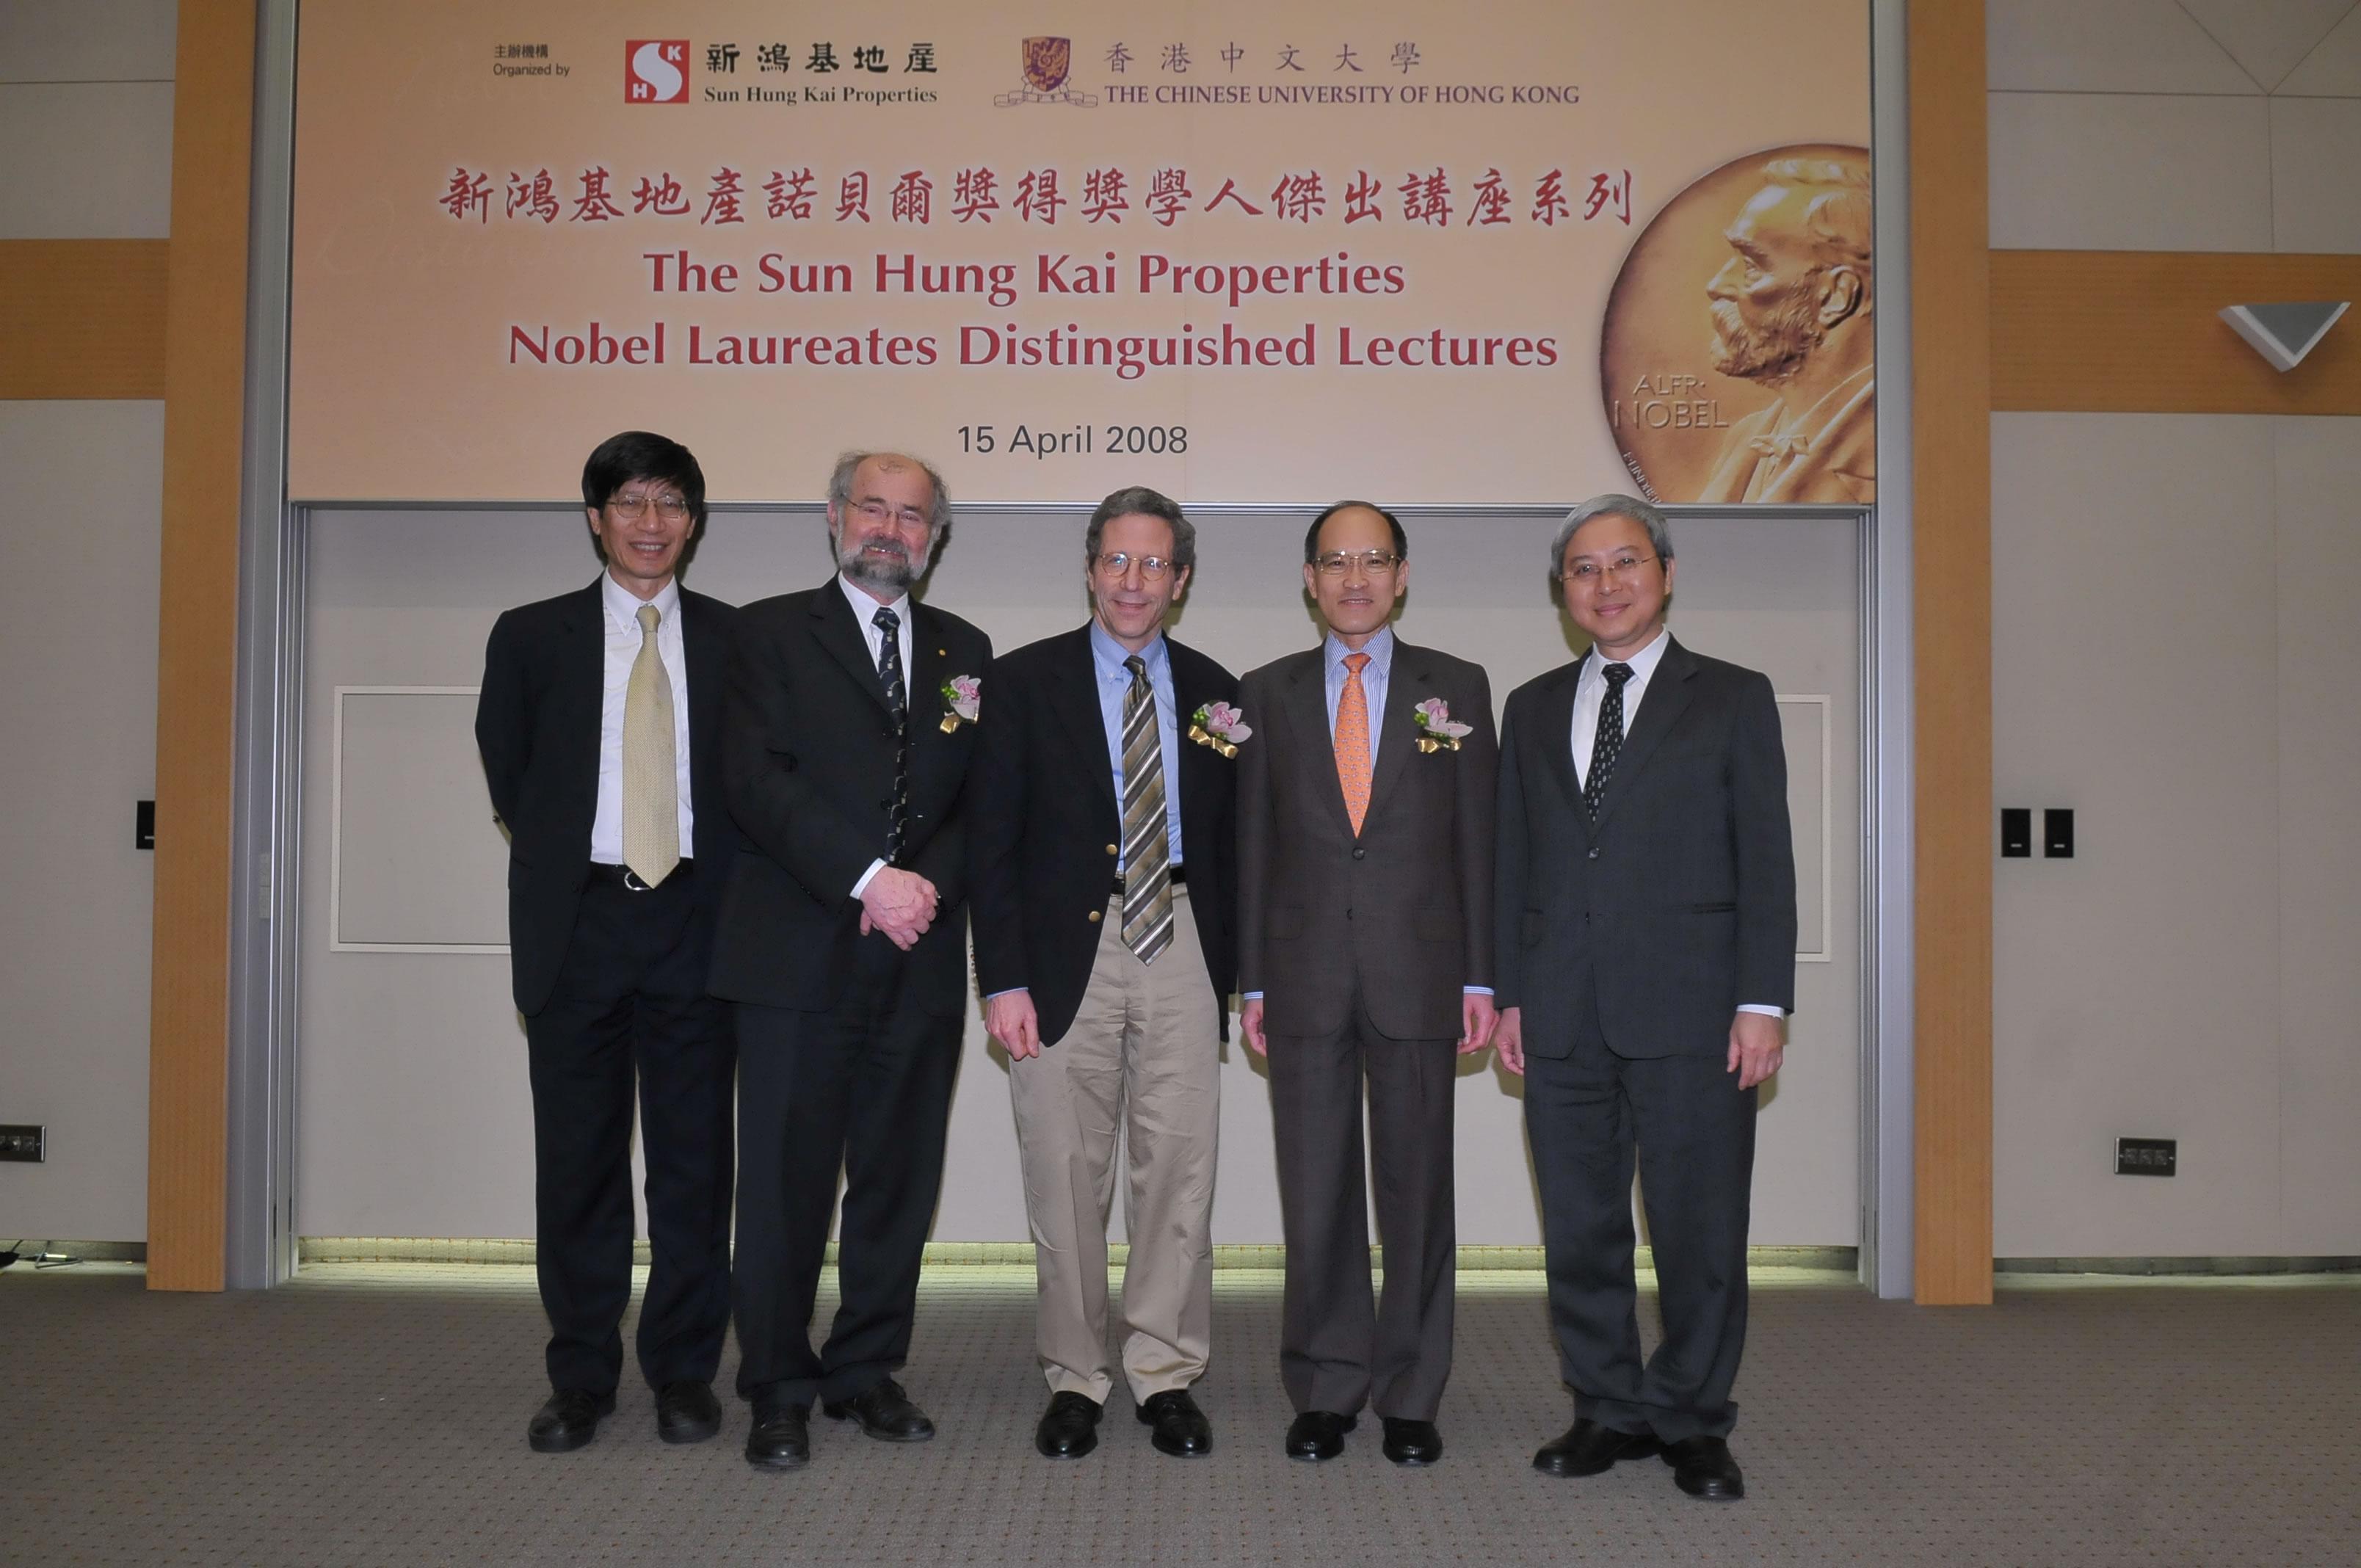 (左起)中大副校長楊綱凱教授、內爾教授、馬斯金教授、新地執行董事黃奕鑑先生,以及中大副校長廖柏偉教授